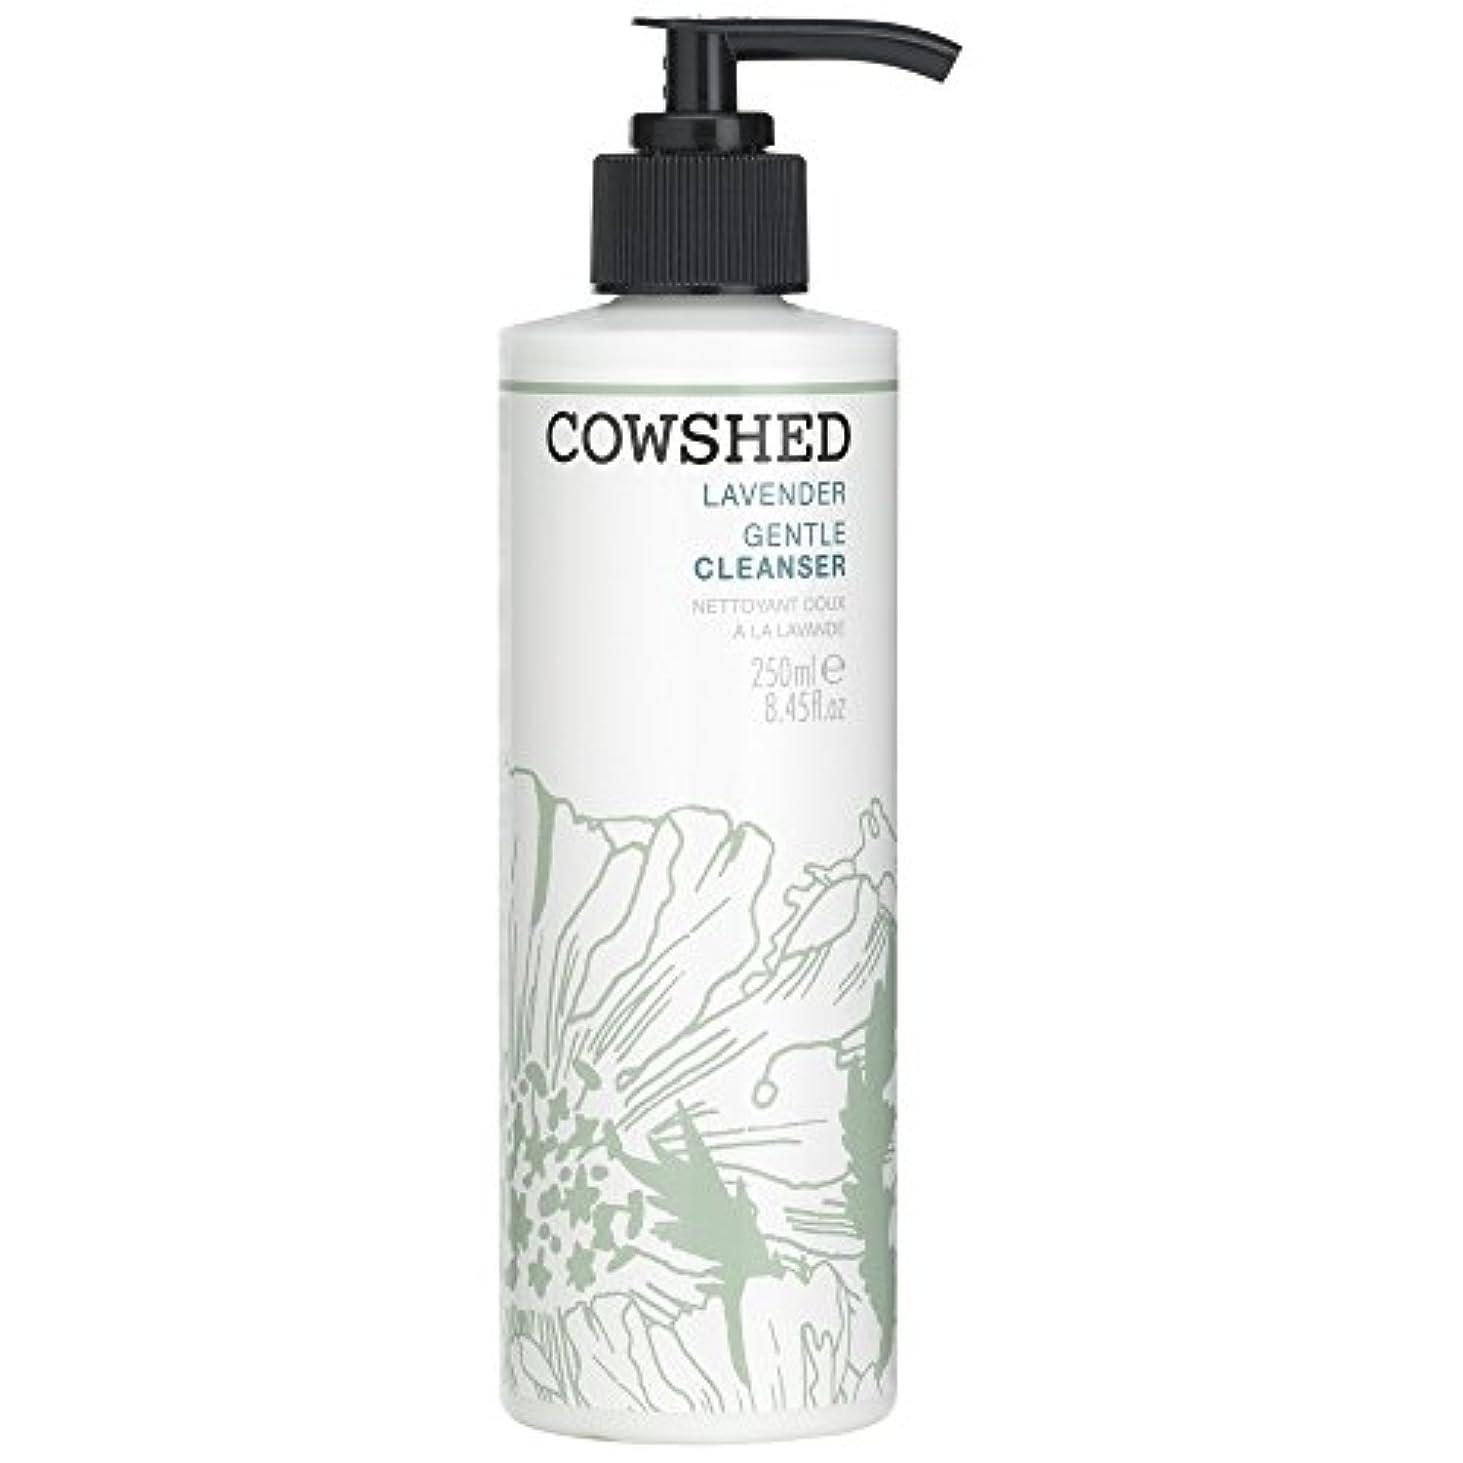 お手伝いさんもつれ引っ張る牛舎ラベンダージェントルクレンザー、250ミリリットル (Cowshed) (x6) - Cowshed Lavender Gentle Cleanser, 250ml (Pack of 6) [並行輸入品]